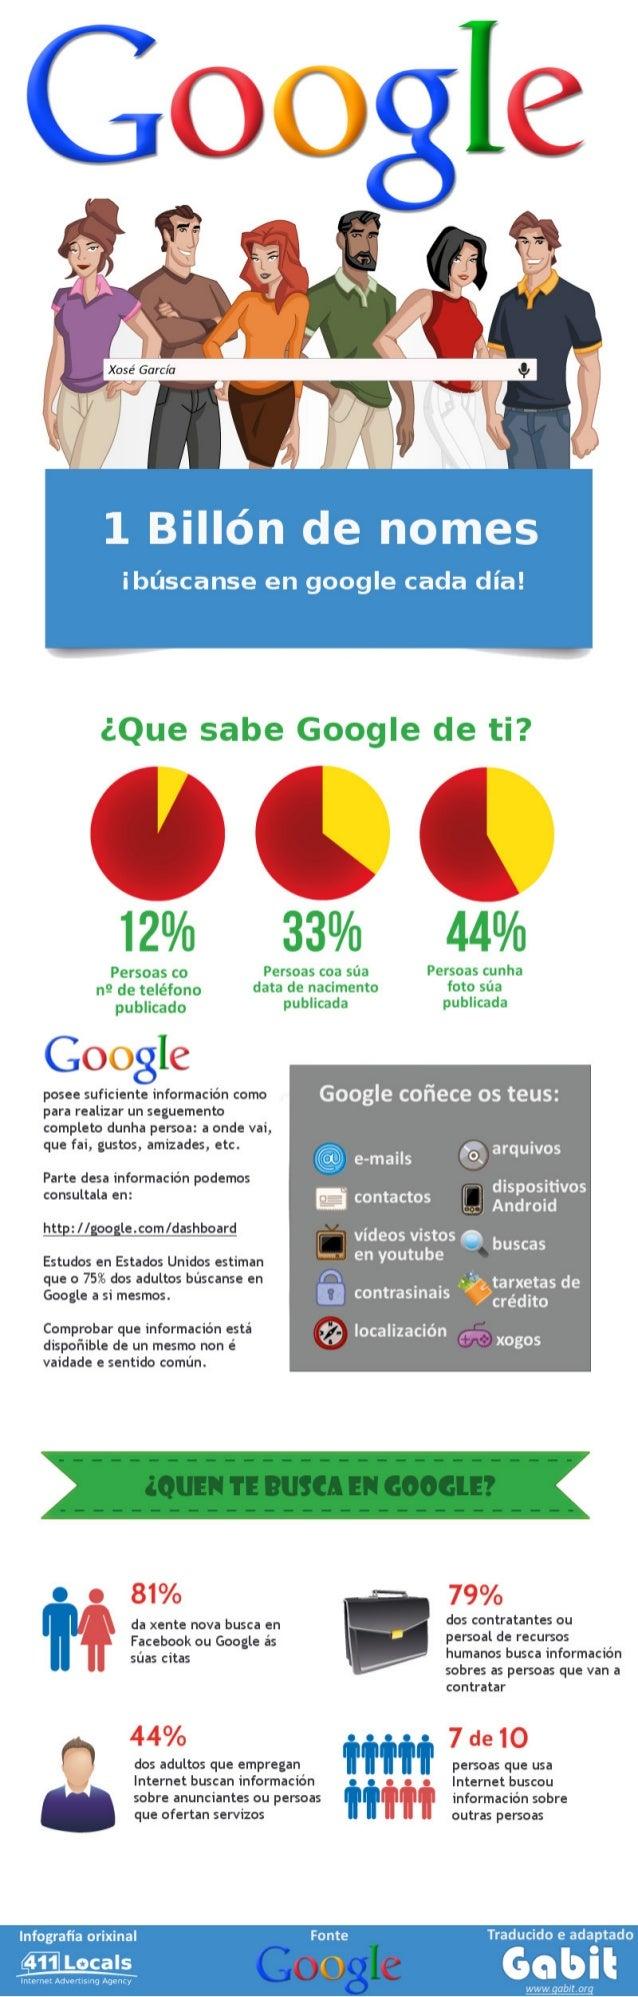 ¿Por que debería buscarme a min mesmo en Google? (Infografía)